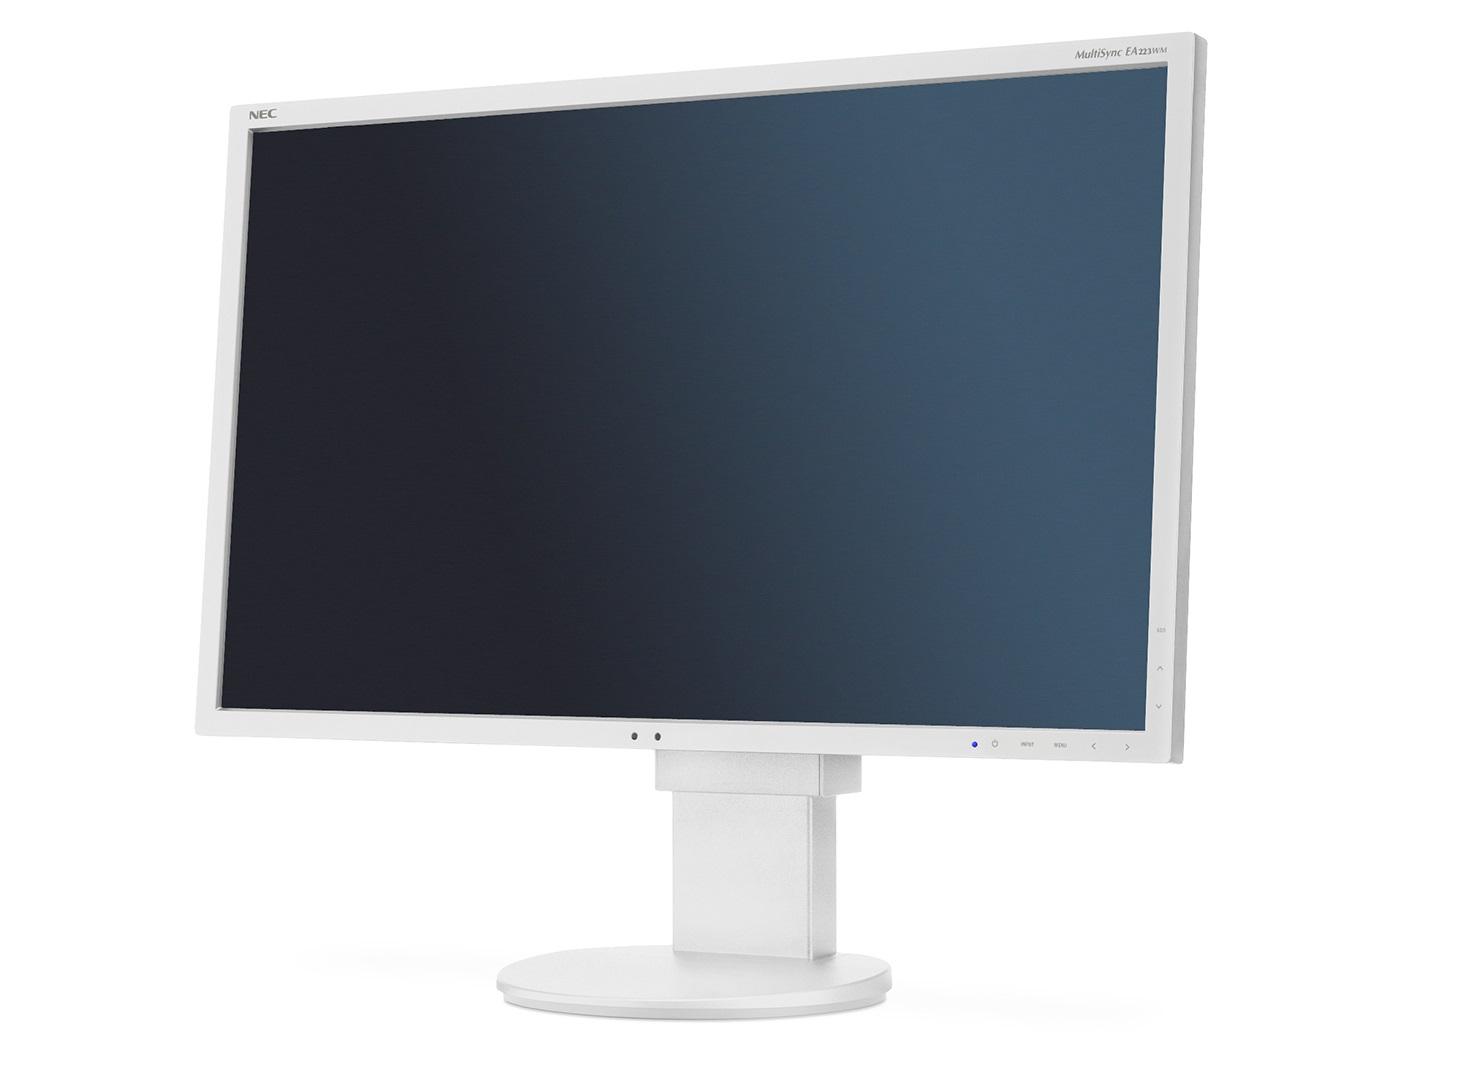 22  LED NEC EA223WM - 1680x1050,DVi,DP,piv,rep,slv